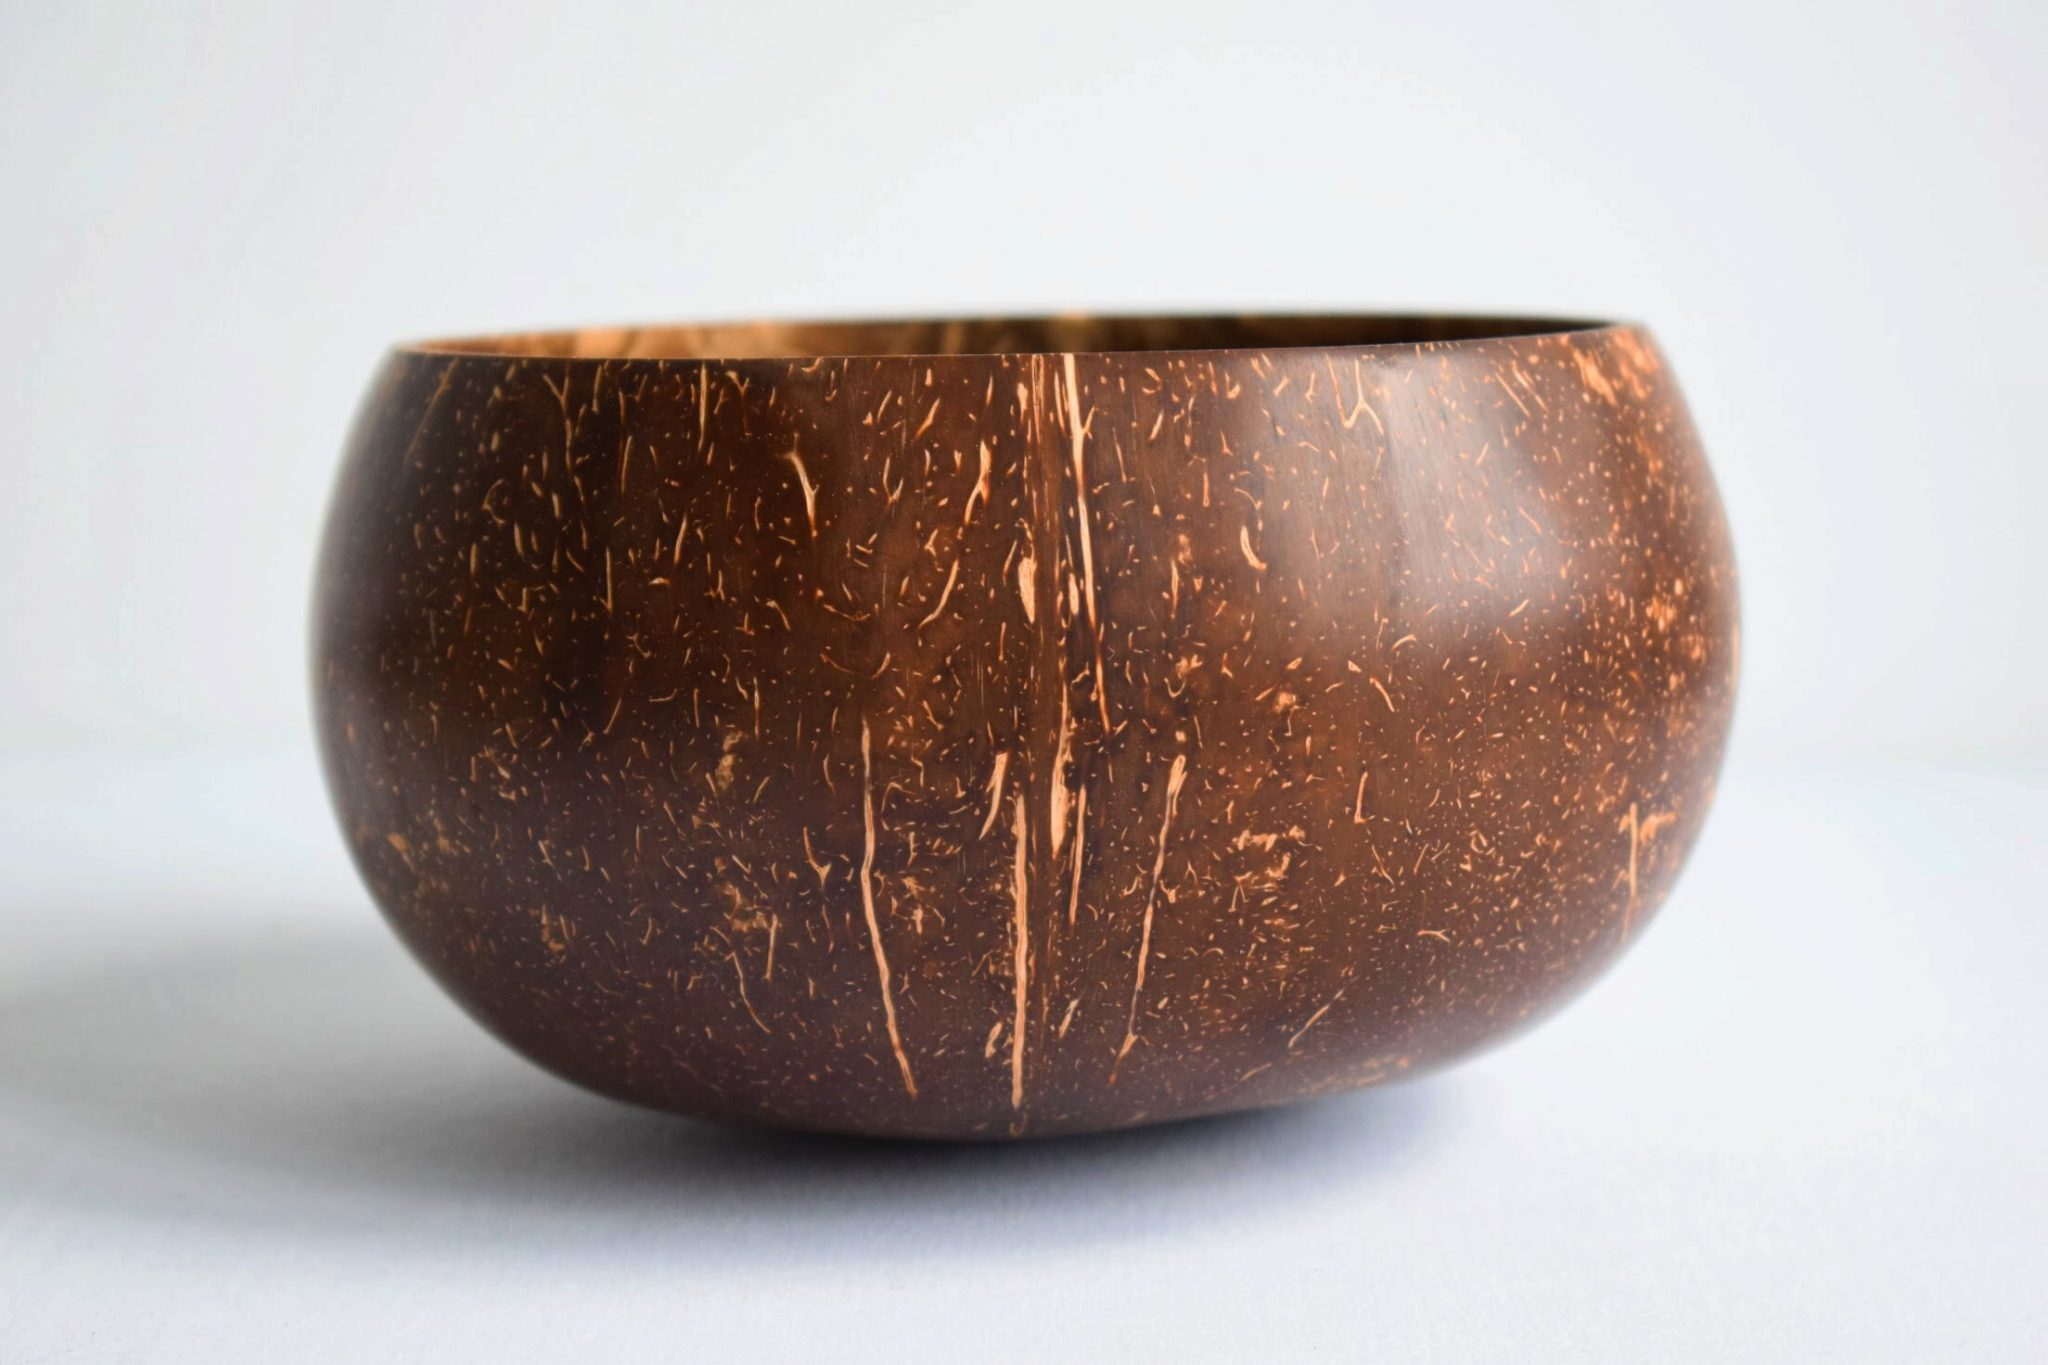 Bowl Jumbo Liso - Kokonat Bowls